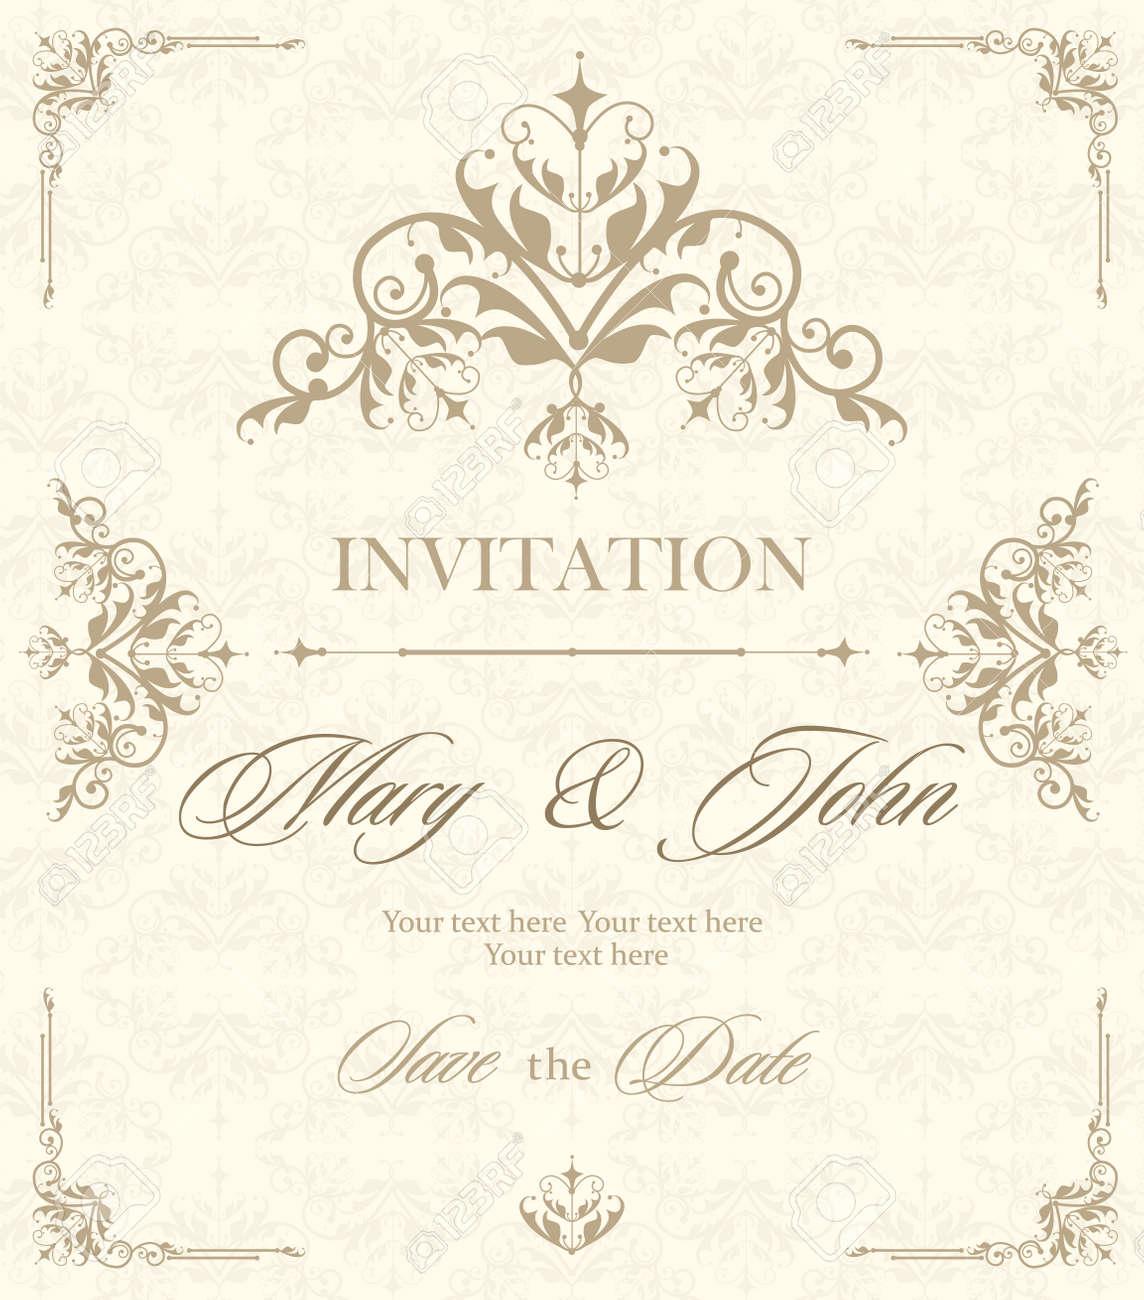 Tarjeta De Invitación Vintage De Boda Con Elementos Decorativos Florales Y Antiguos Ilustración